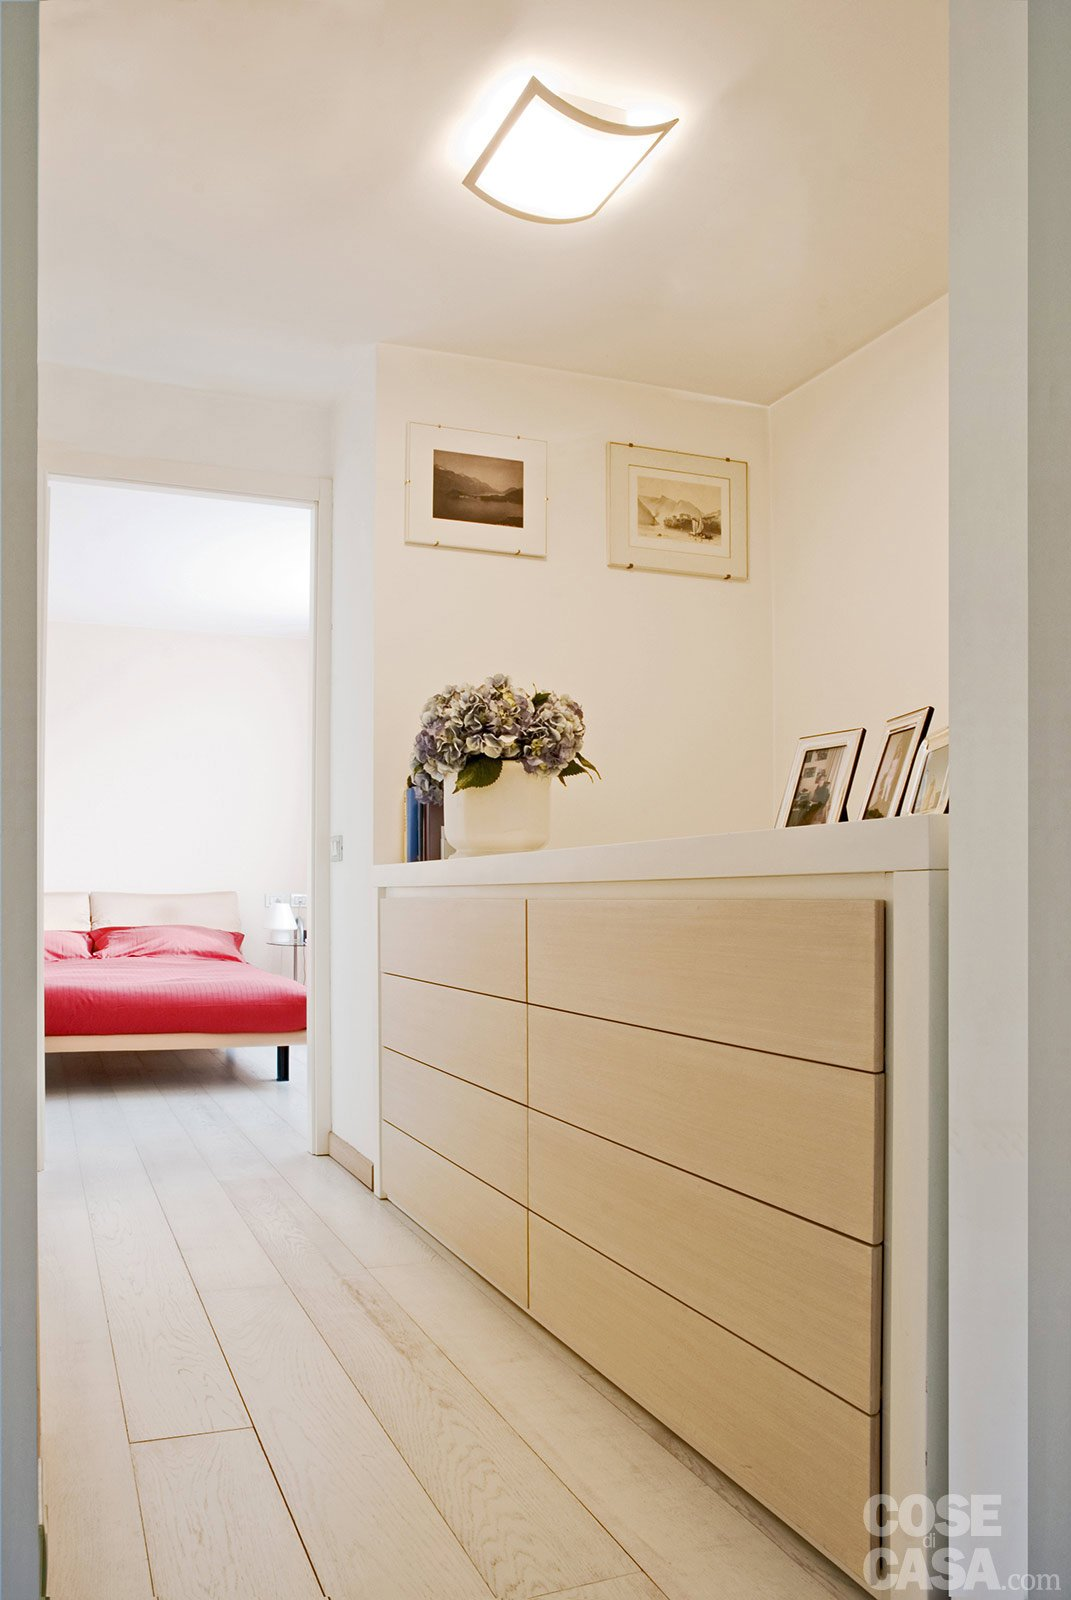 La casa di 60 mq raddoppia sfruttando il sottotetto cose di casa - Mobili da corridoio ...